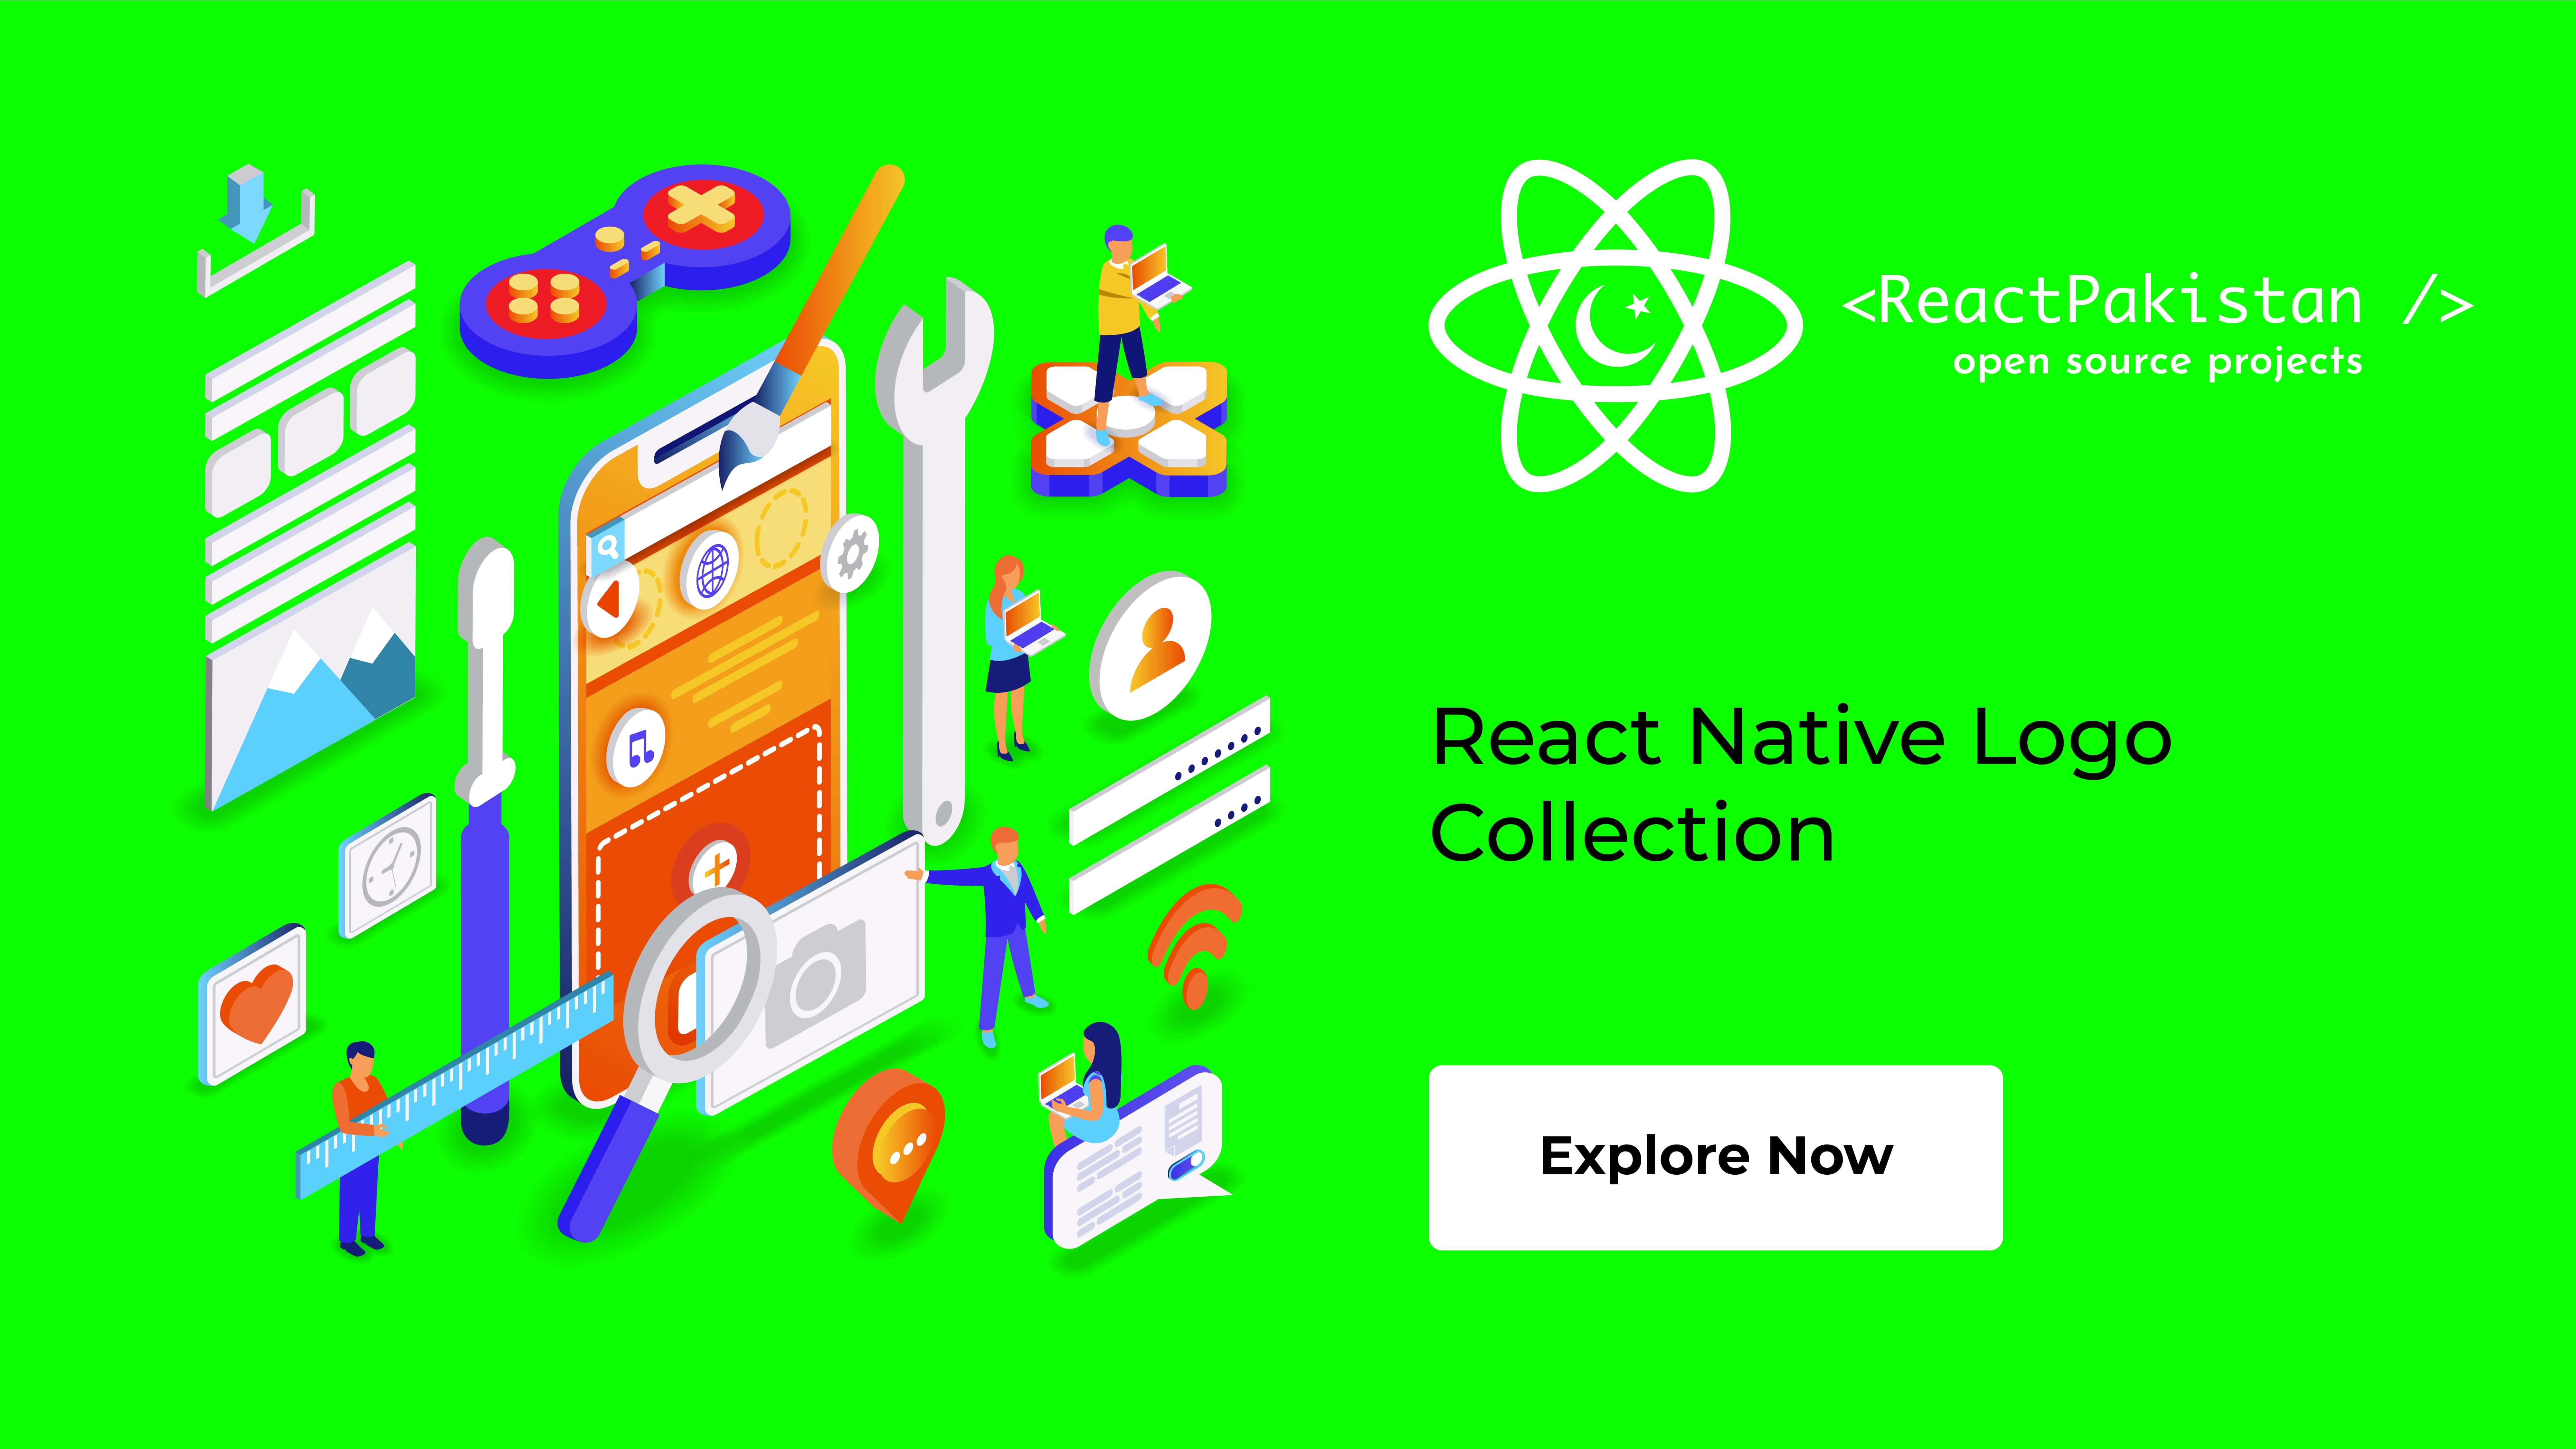 React Pakistan - React Native Logo Collection